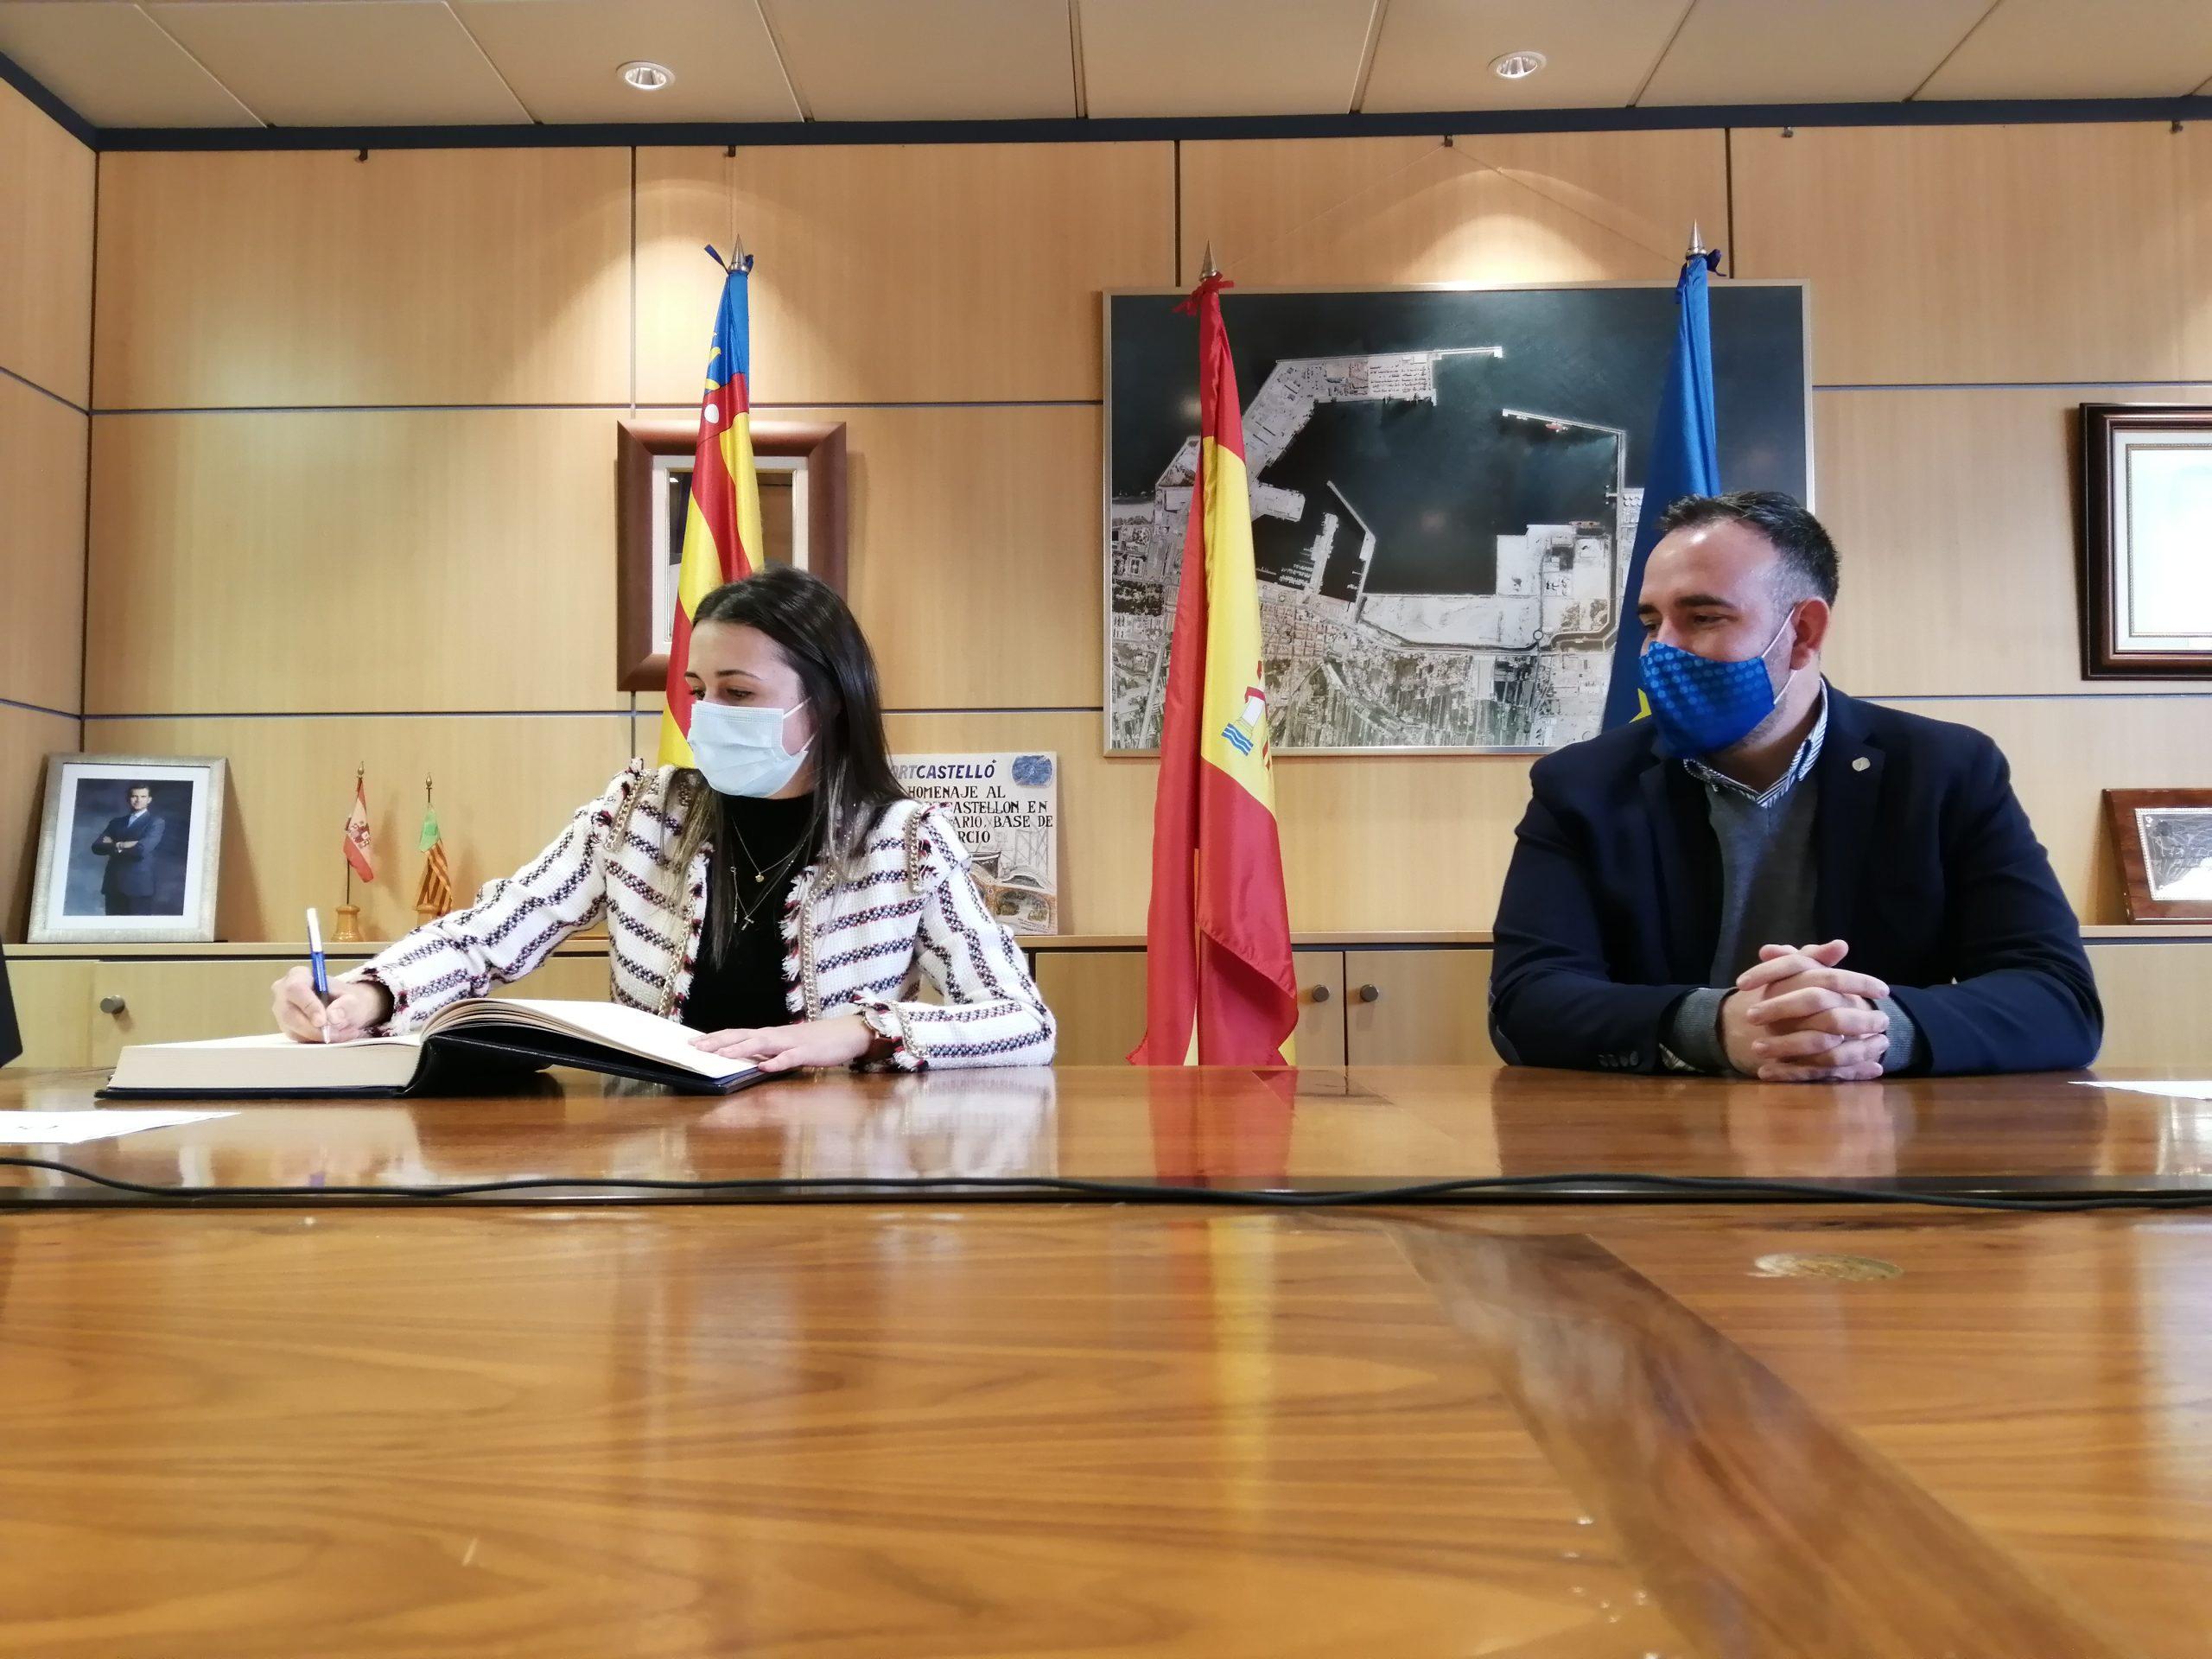 PortCastelló y la Vall d´Uixó  potenciarán acciones conjuntas para fortalecer el tejido empresarial